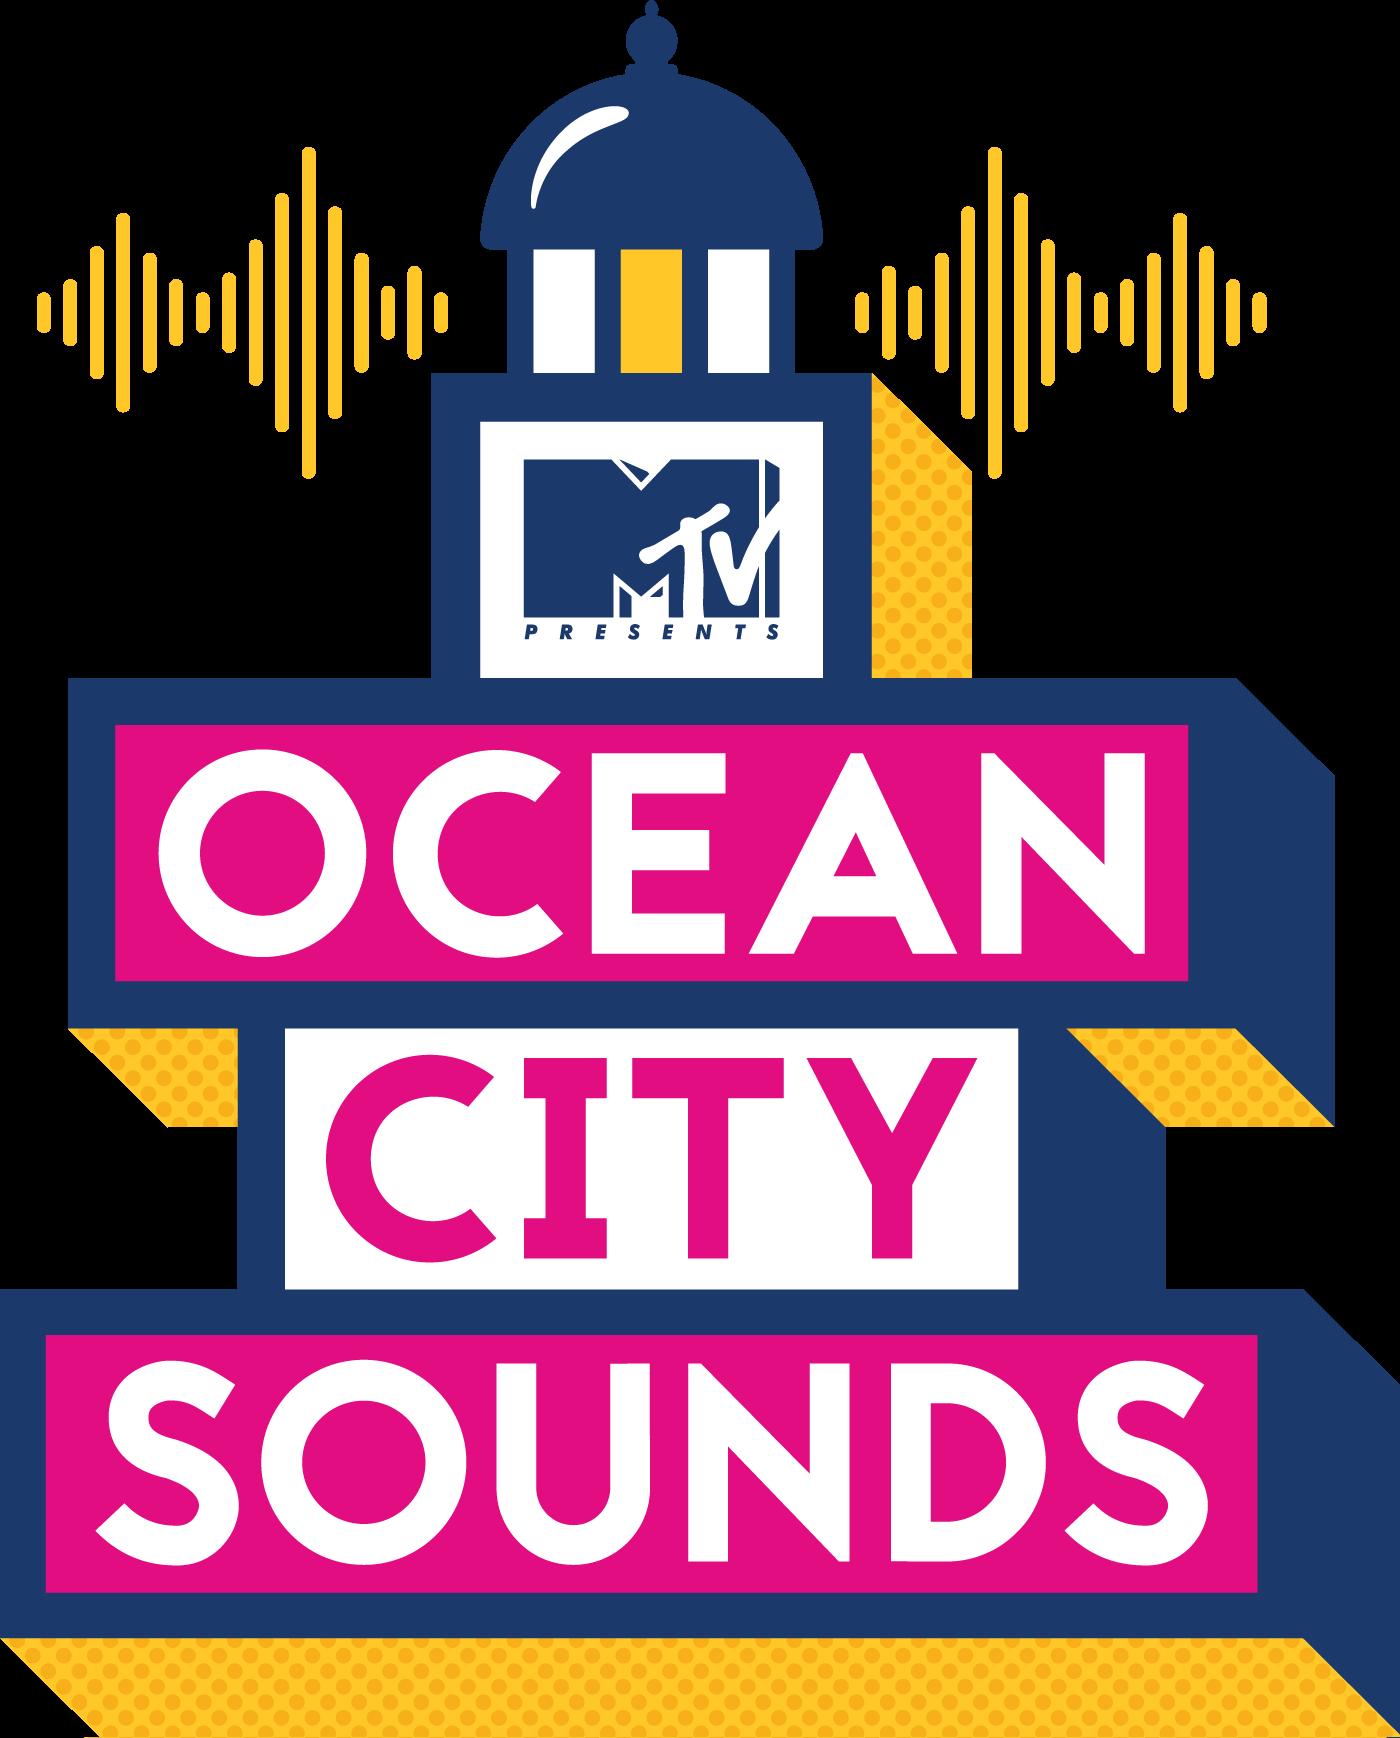 ocean city sounds logo